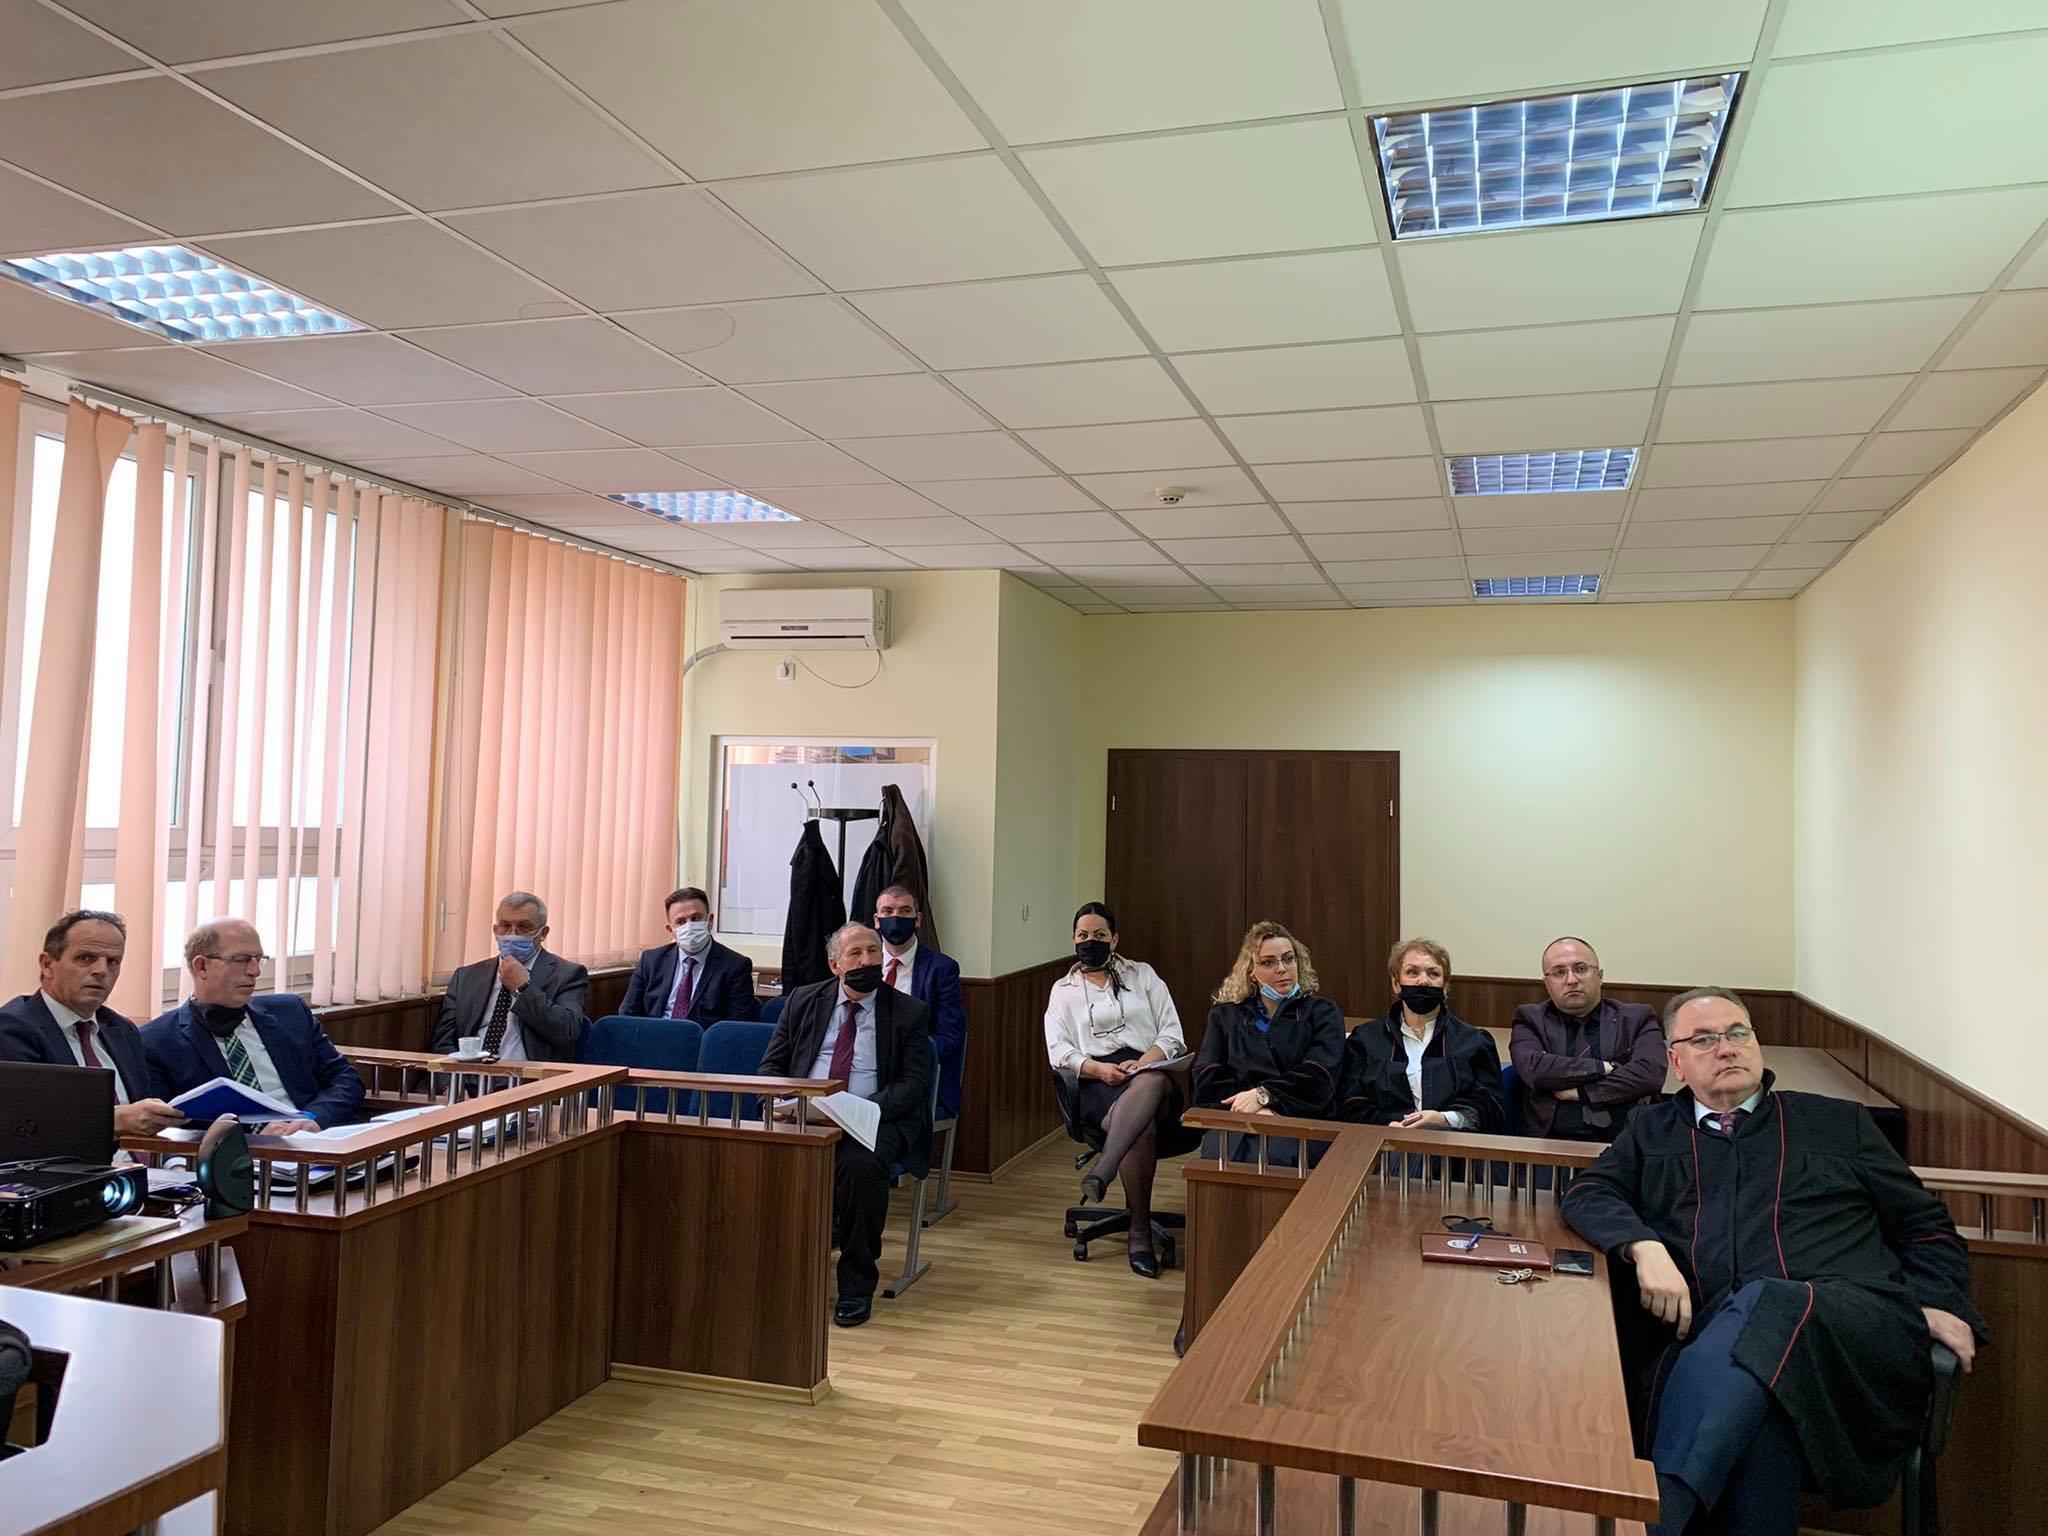 Në Gjykatën Themelore në Pejë u diskutua Draft Udhëzuesi – Korrupsioni Zyrtar dhe Veprat Penale Kundër Detyrës Zyrtare